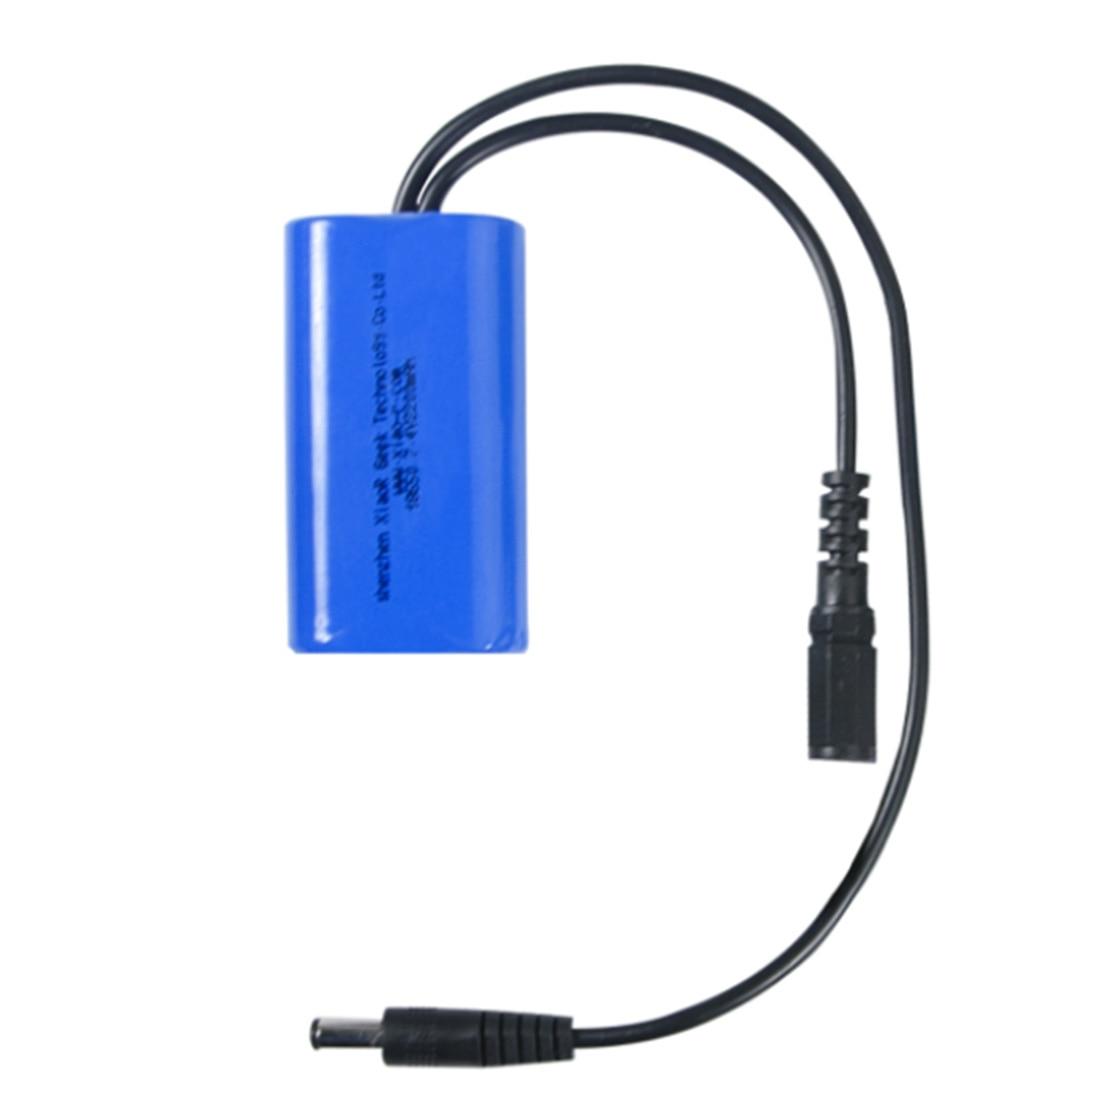 2200mAh 7.4V Lithium Battery Pack For Several Programming Vehicles For Children Kids Developmental Early Educational Toys Gift